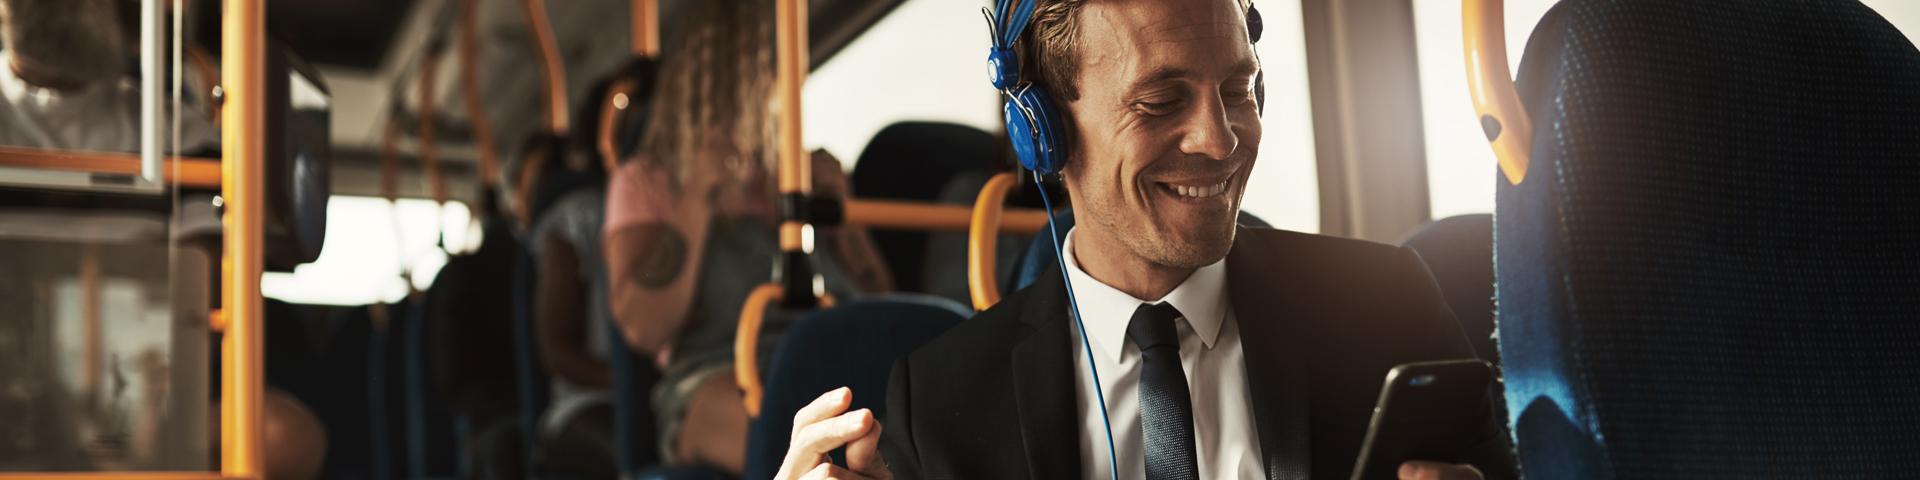 Ung mand sidder i en bus og smiler mens han kigger på mobiltelefonen